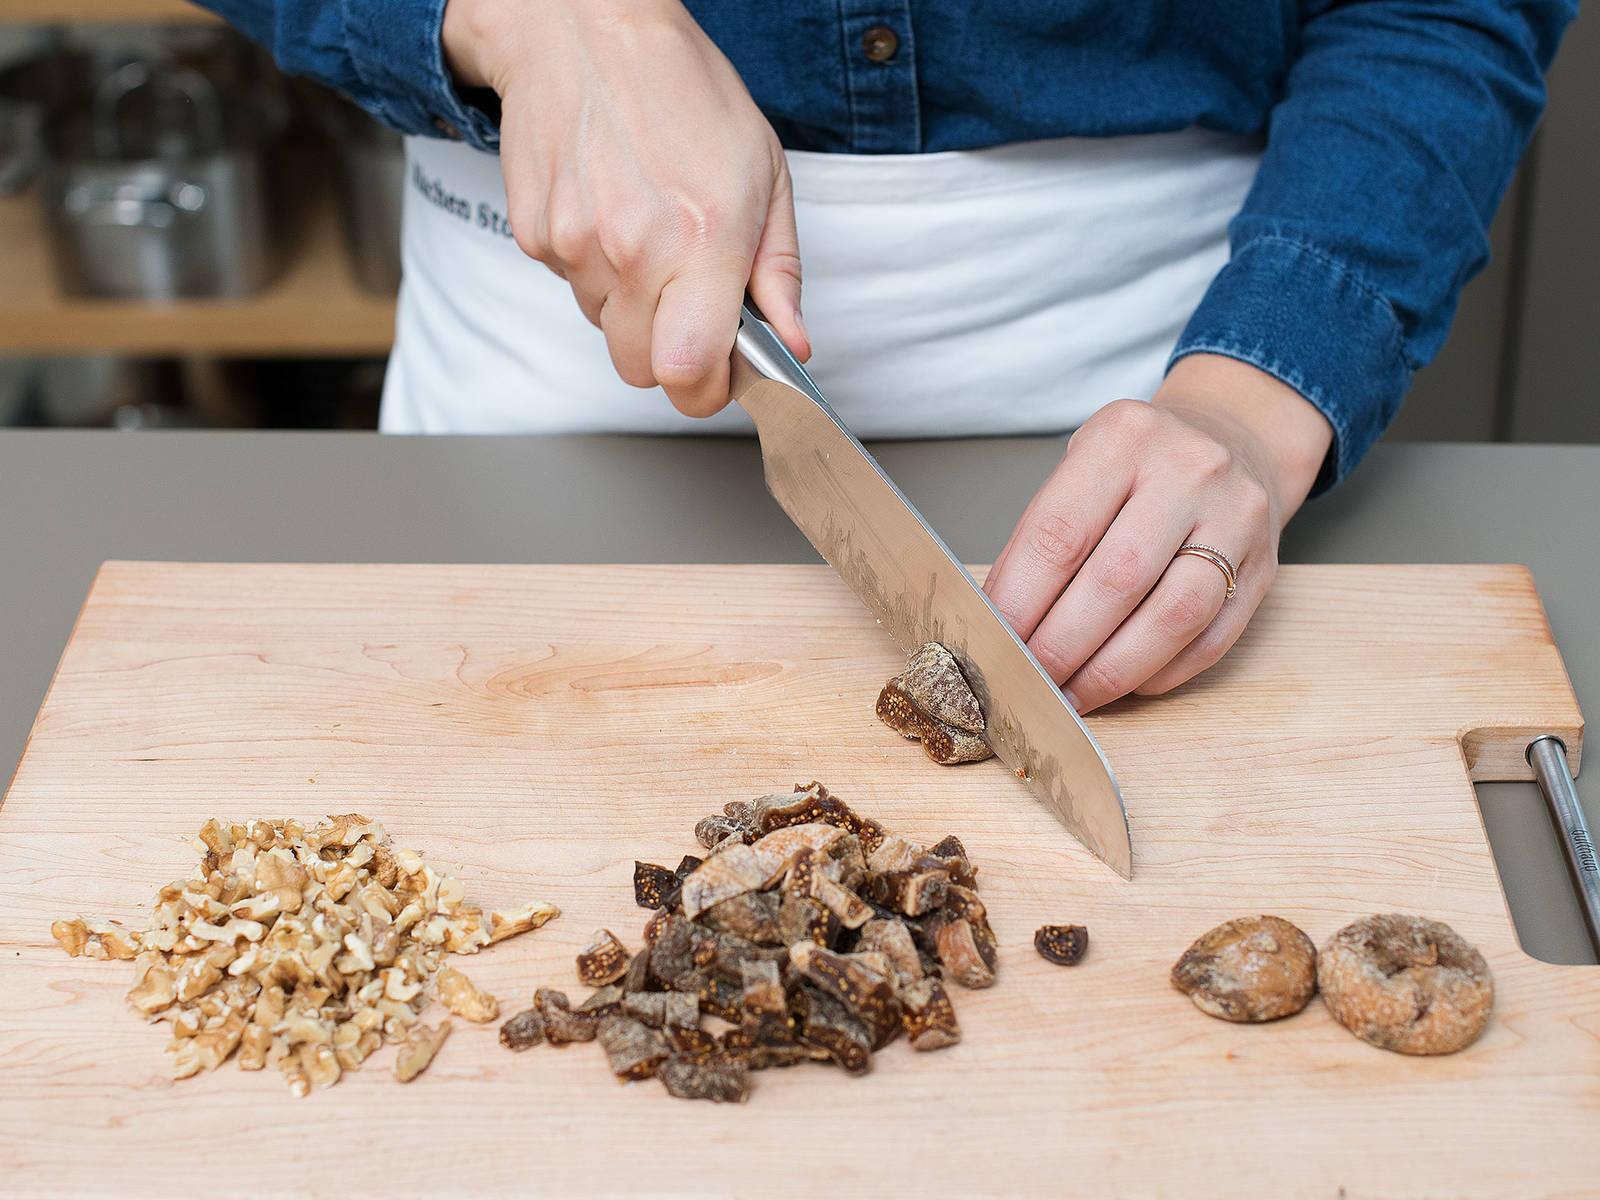 Feigen in kleine Stücke schneiden und Walnüsse grob hacken.